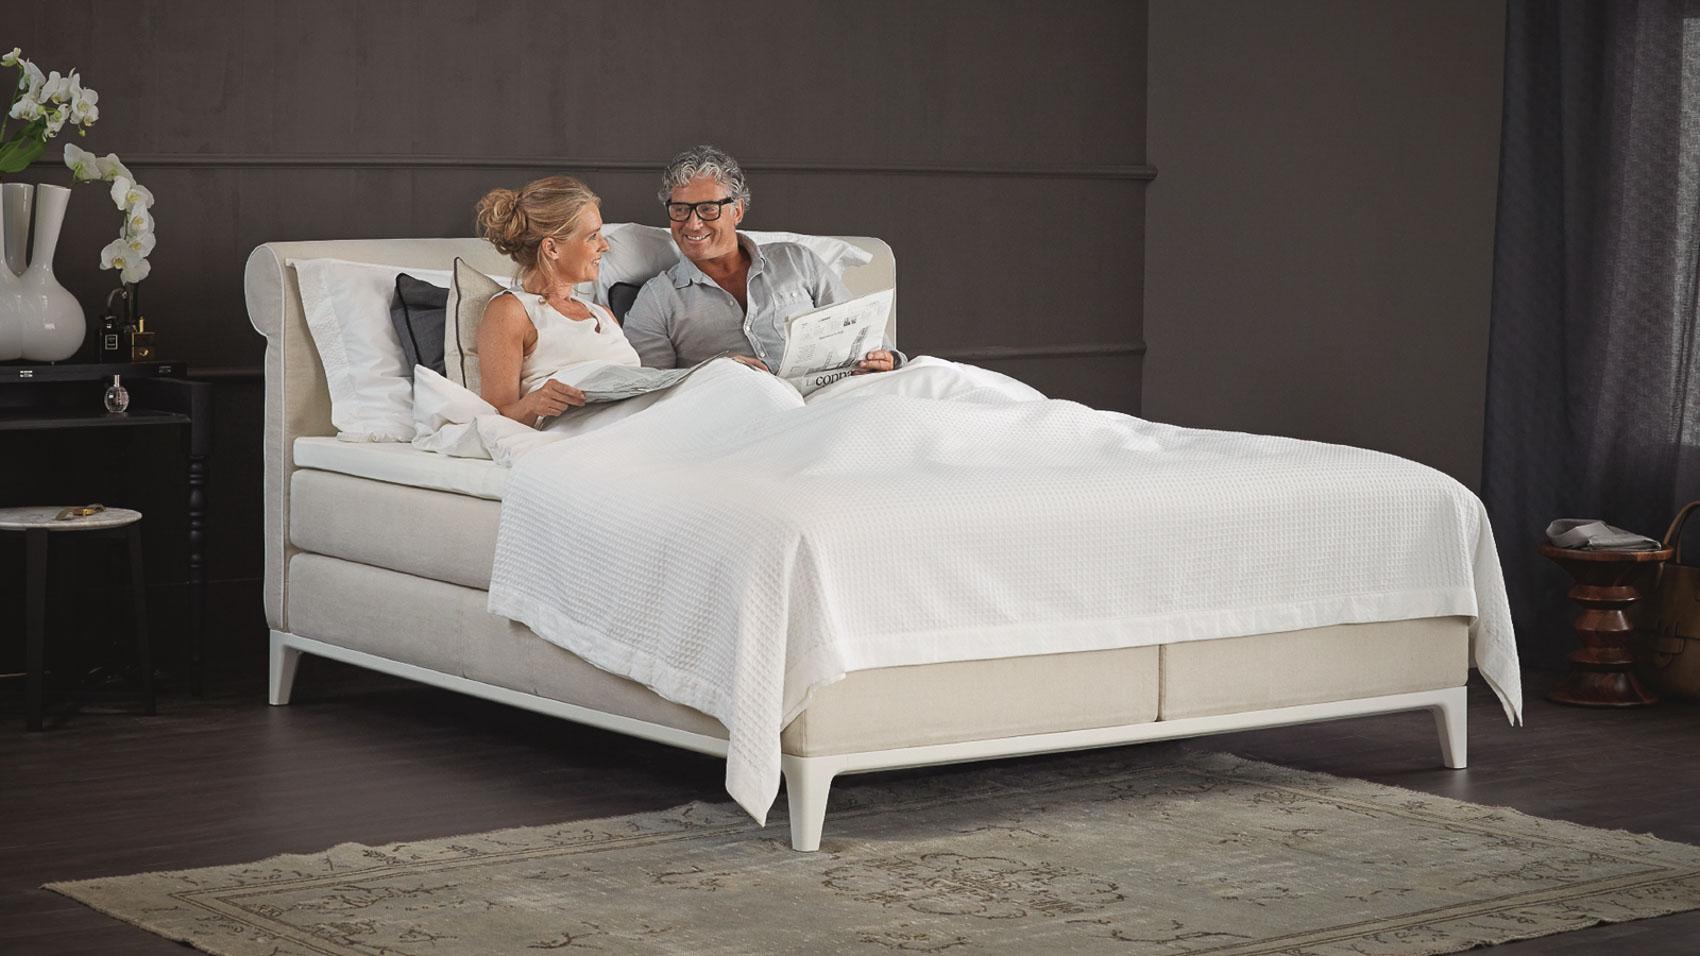 Auping Betten Beim Und Bettenhaus Krner In Nrnberg With Bett